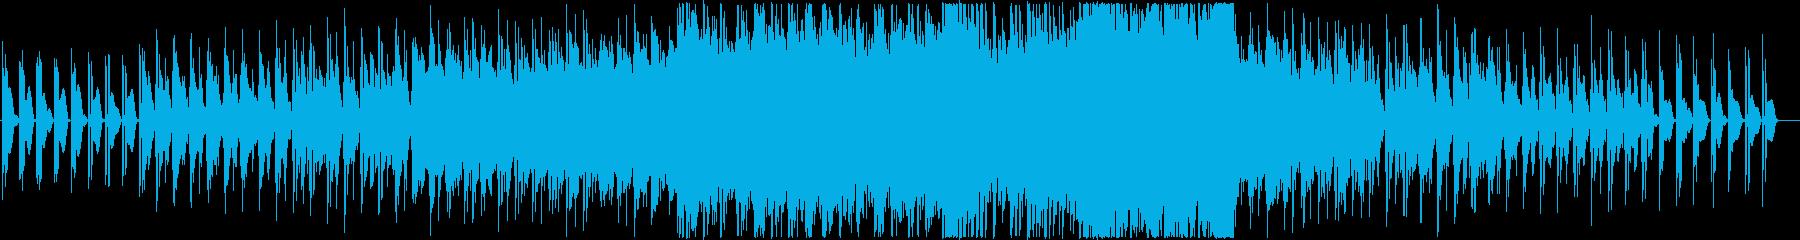 Tp生演奏有/壮大で力強い成長のイメージの再生済みの波形